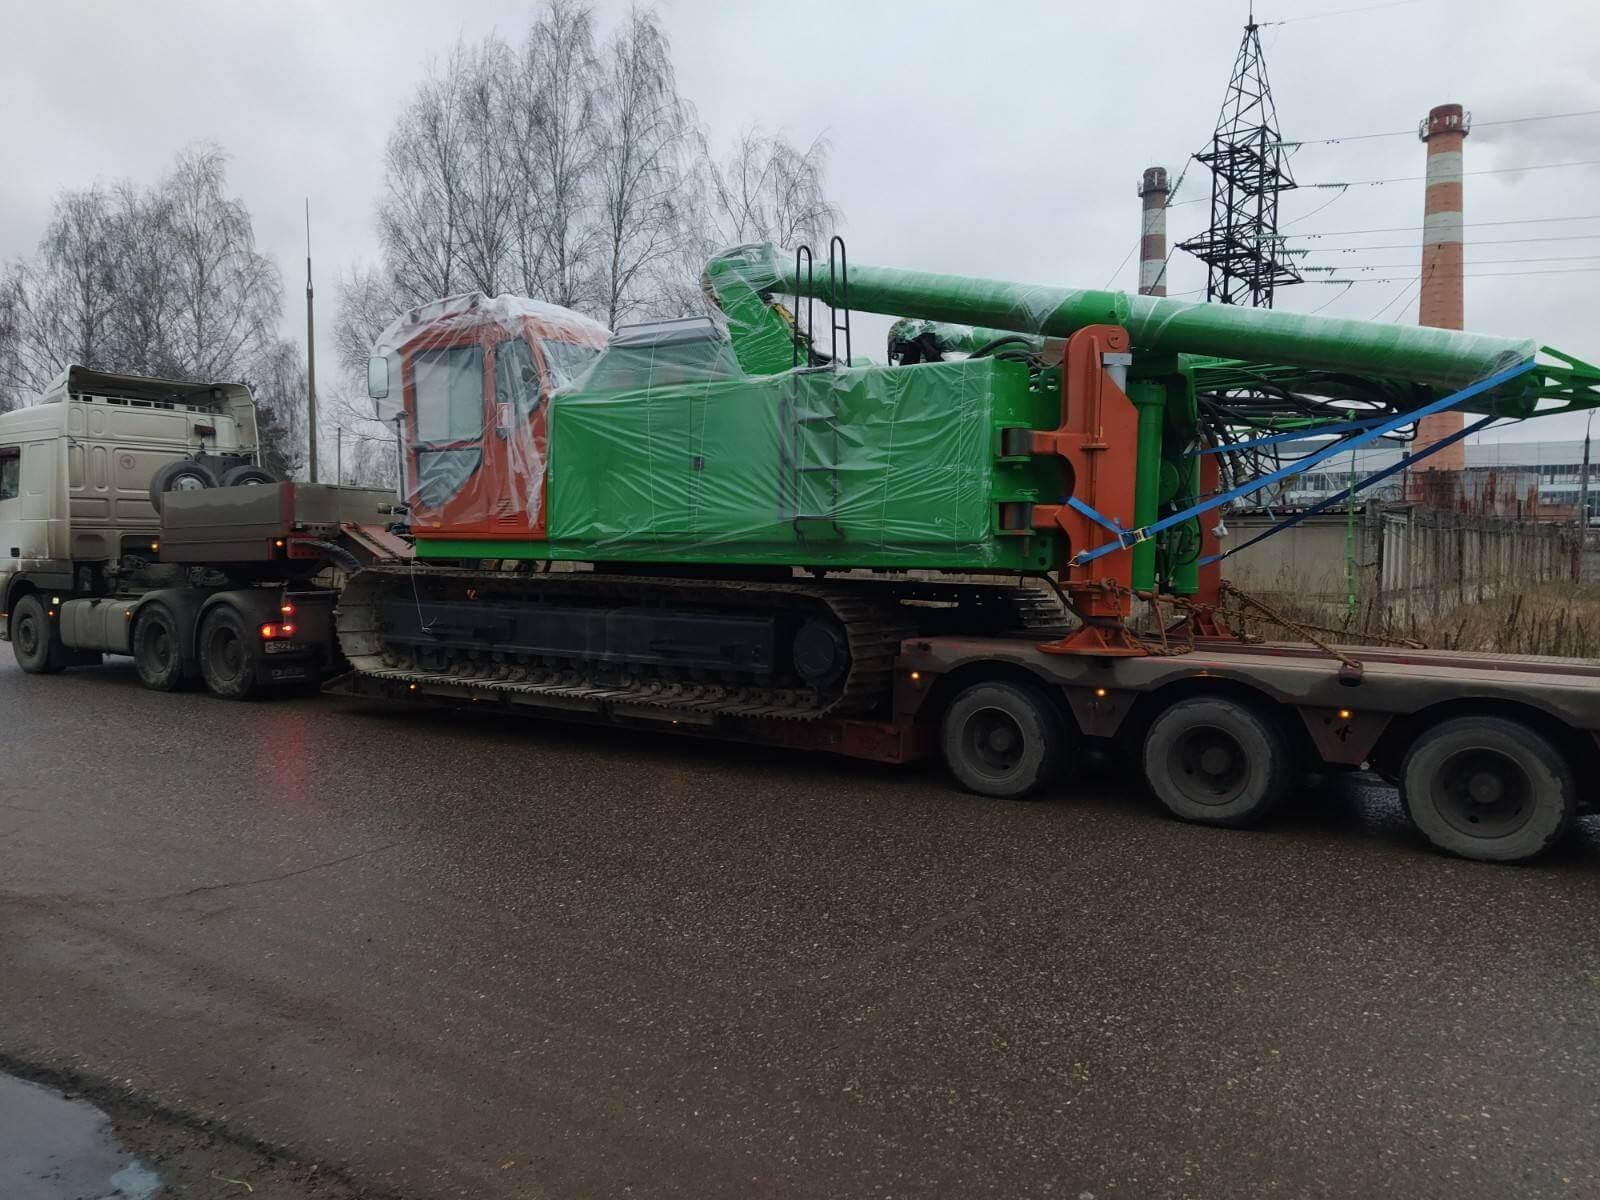 Перевозка сваебойной установки из Ярославля в г. Балашиху, 50 тонн